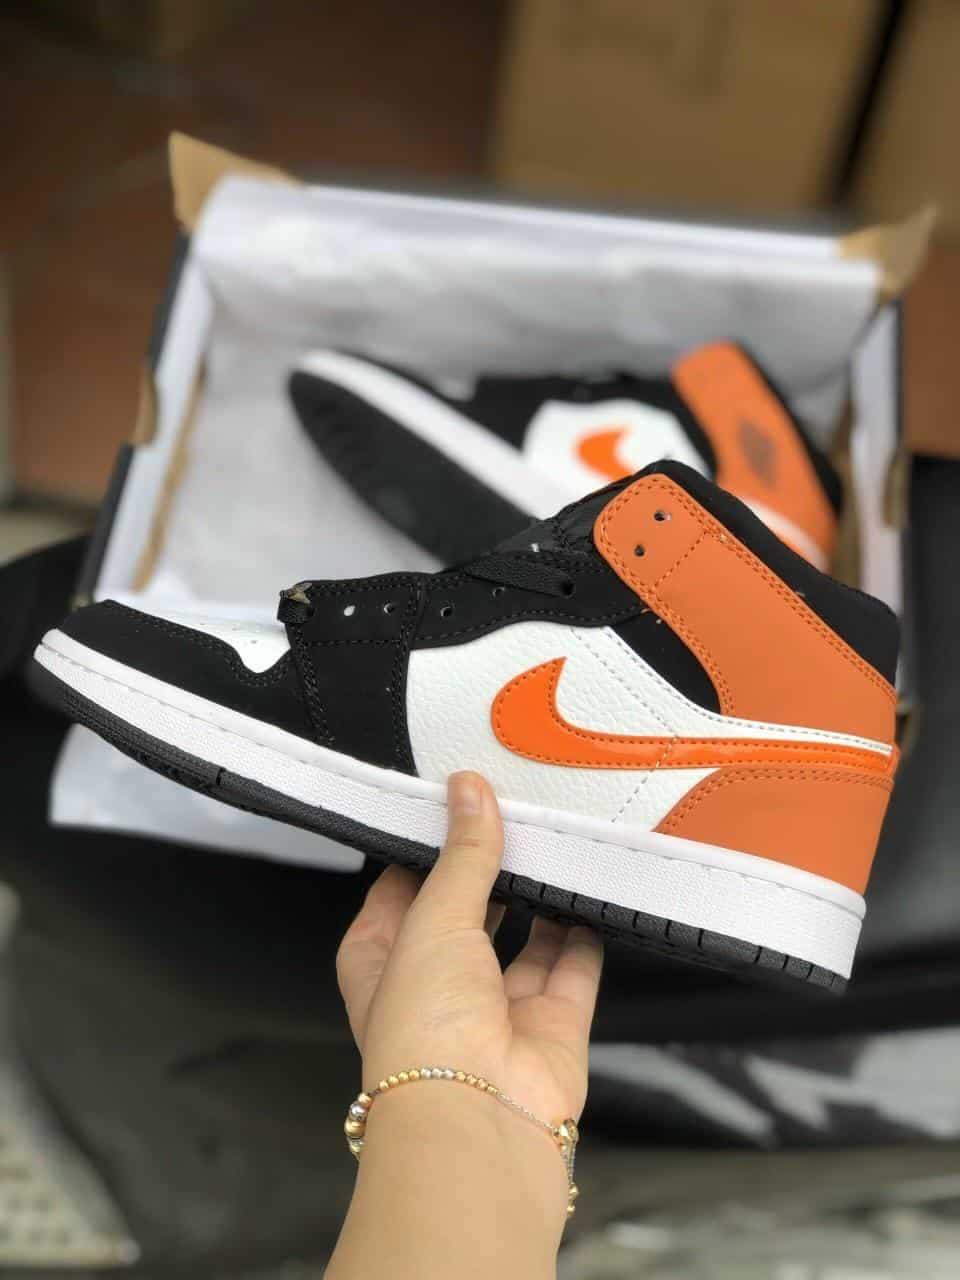 Giày Jordan 1 High rep 1:1 có giá cực kỳ hợp với túi tiền, chất lượng lại chuẩn Authenic